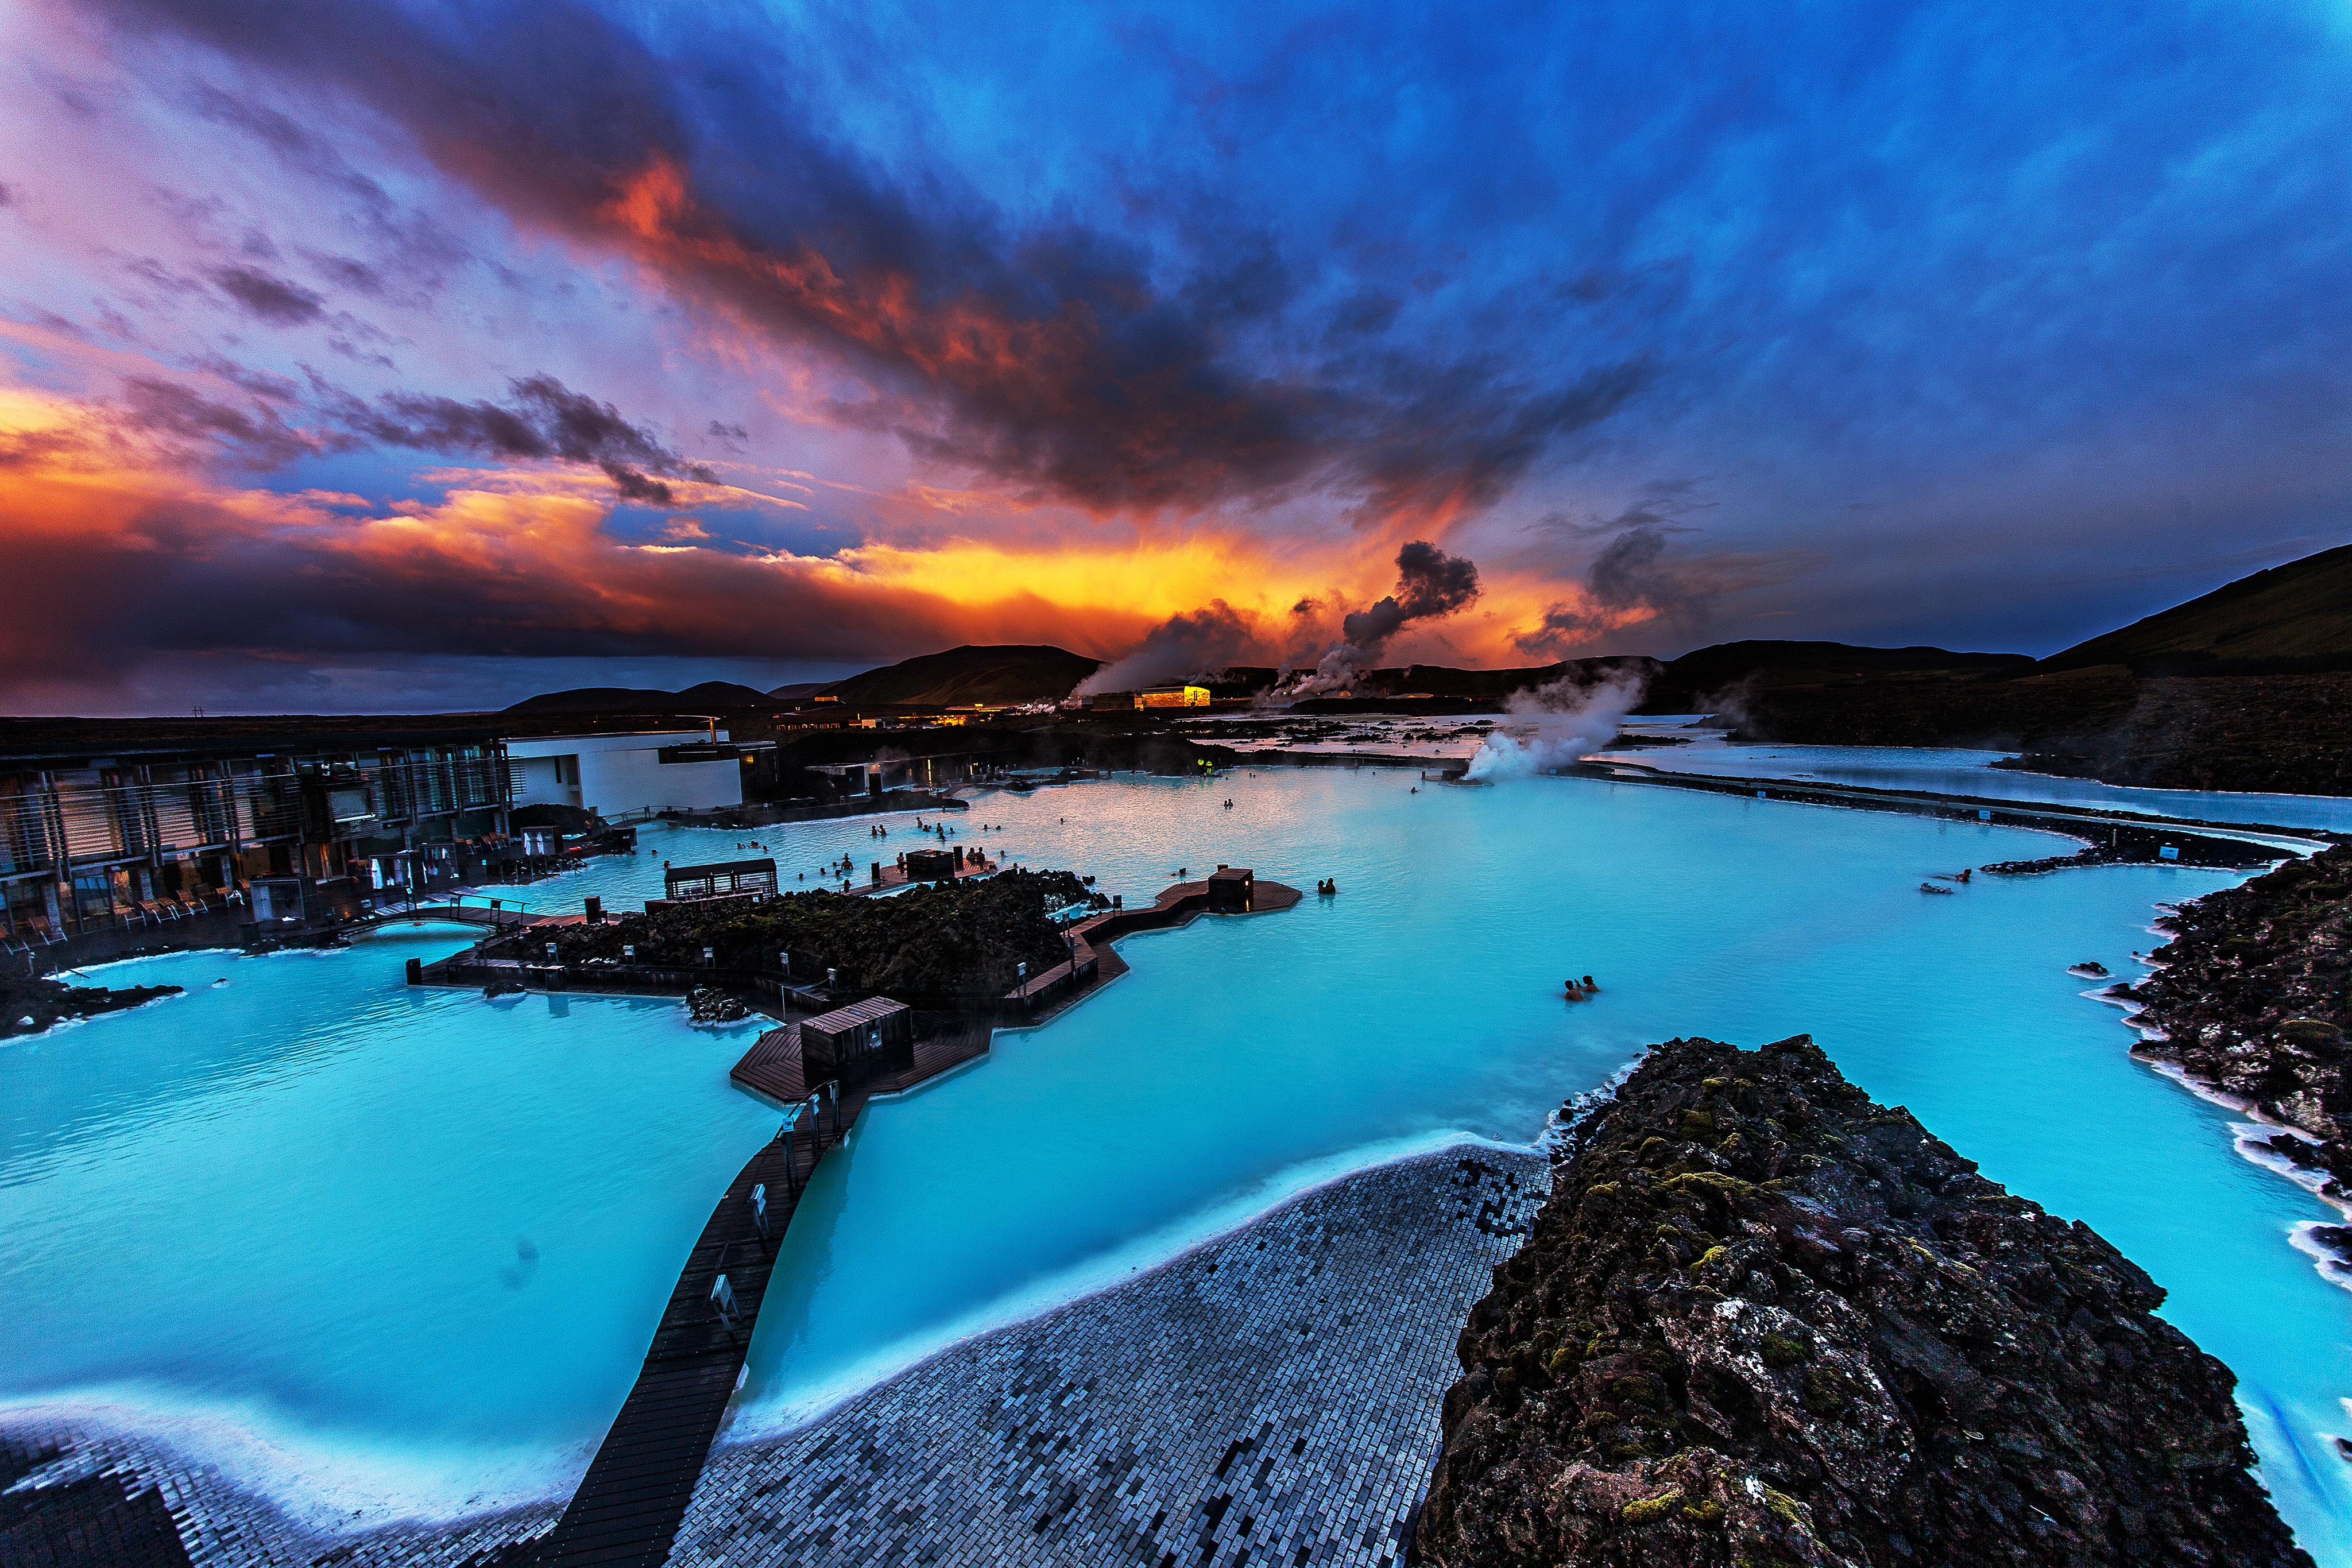 Le spa géothermique Blue Lagoon est à la hauteur de son nom, avec de l'eau de couleur bleu azur